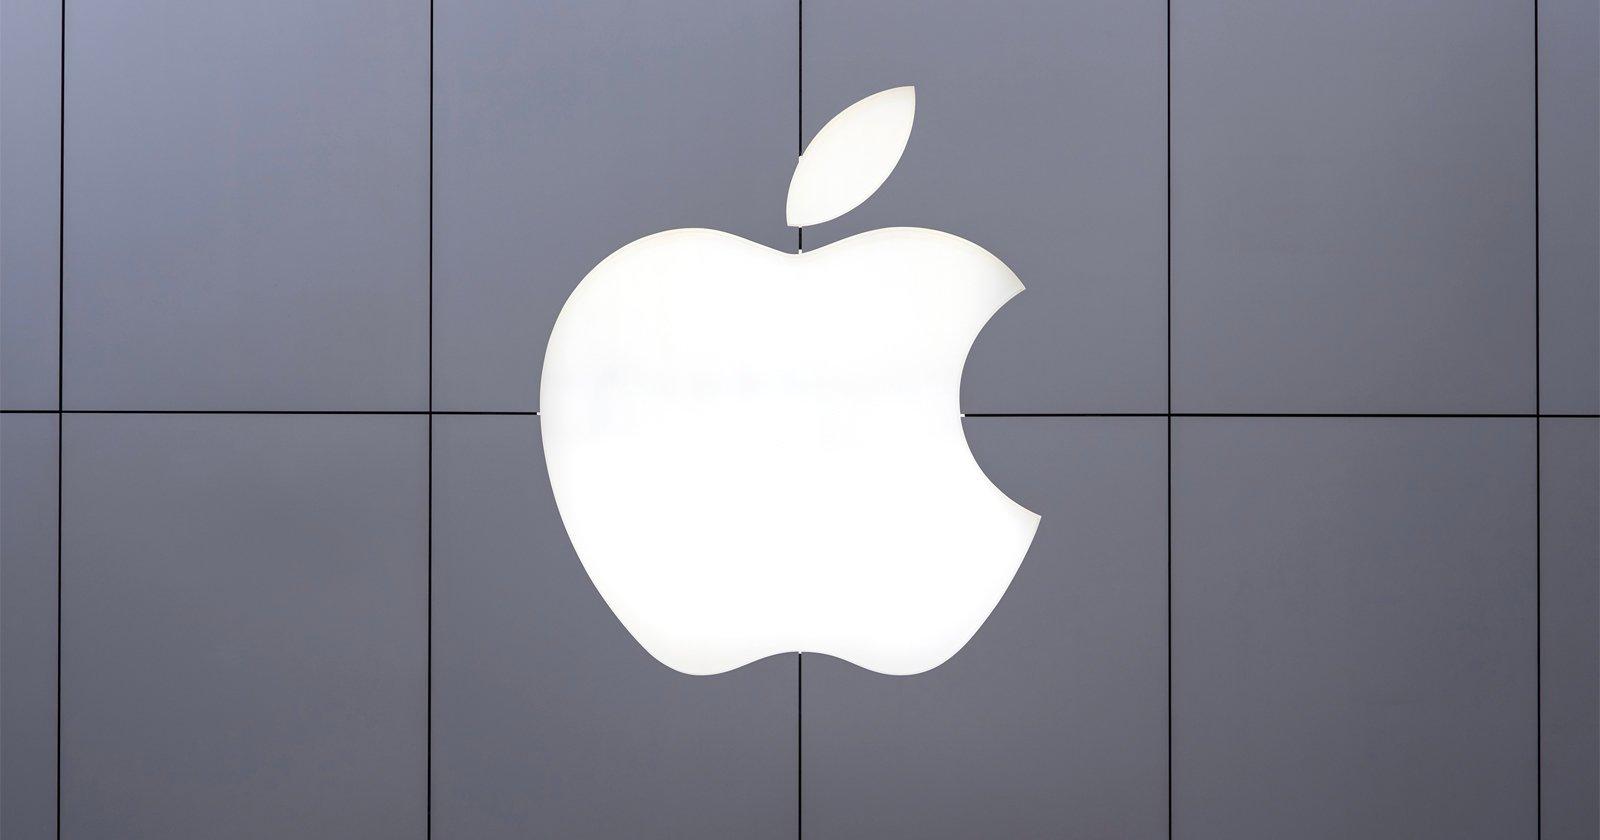 Apple Airdrop mette a rischio i dati degli utenti a causa di un difetto di privacy: report